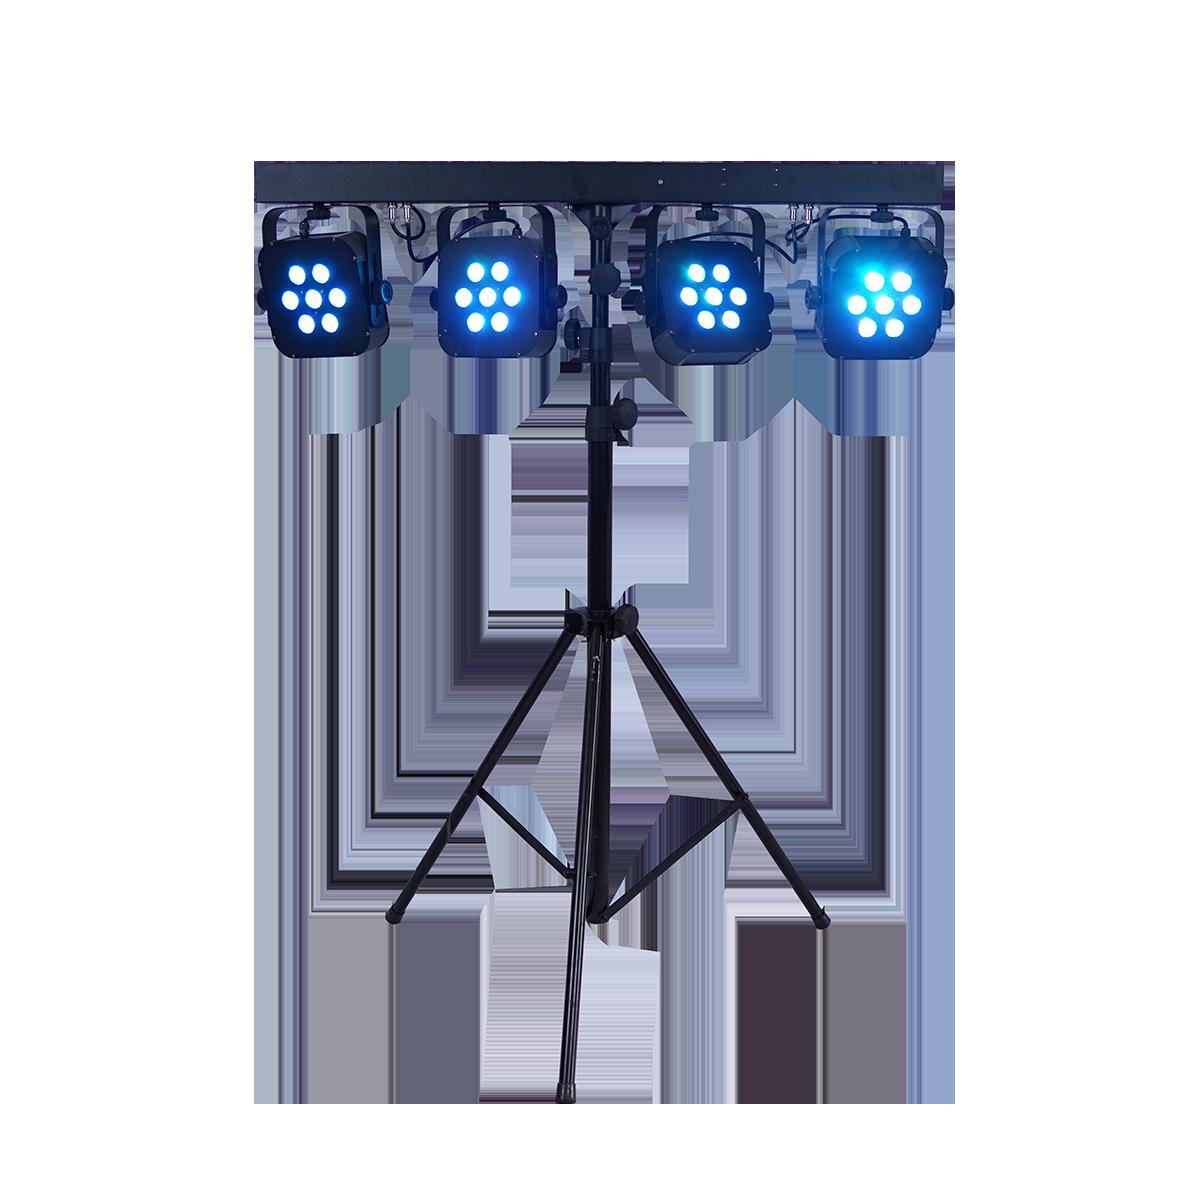 LED Zeltbeleuchtung auf Stativ, 4-er Bar